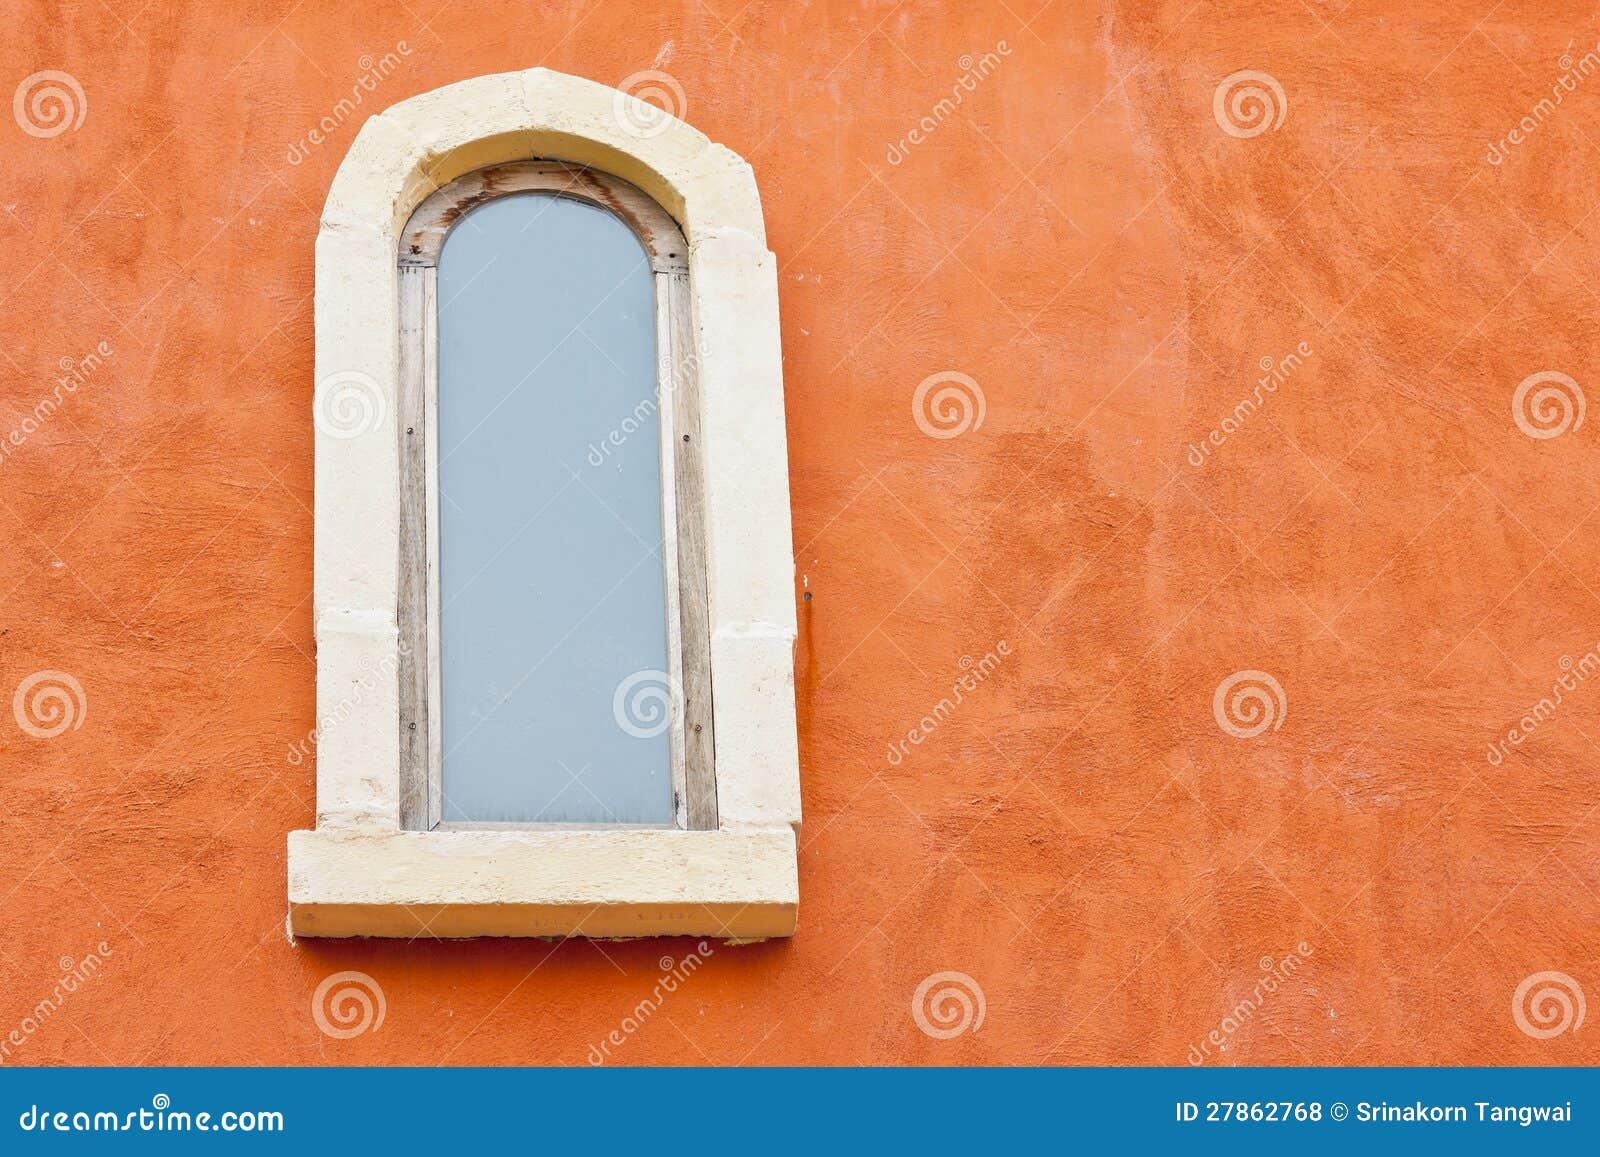 Gocki szklany okno